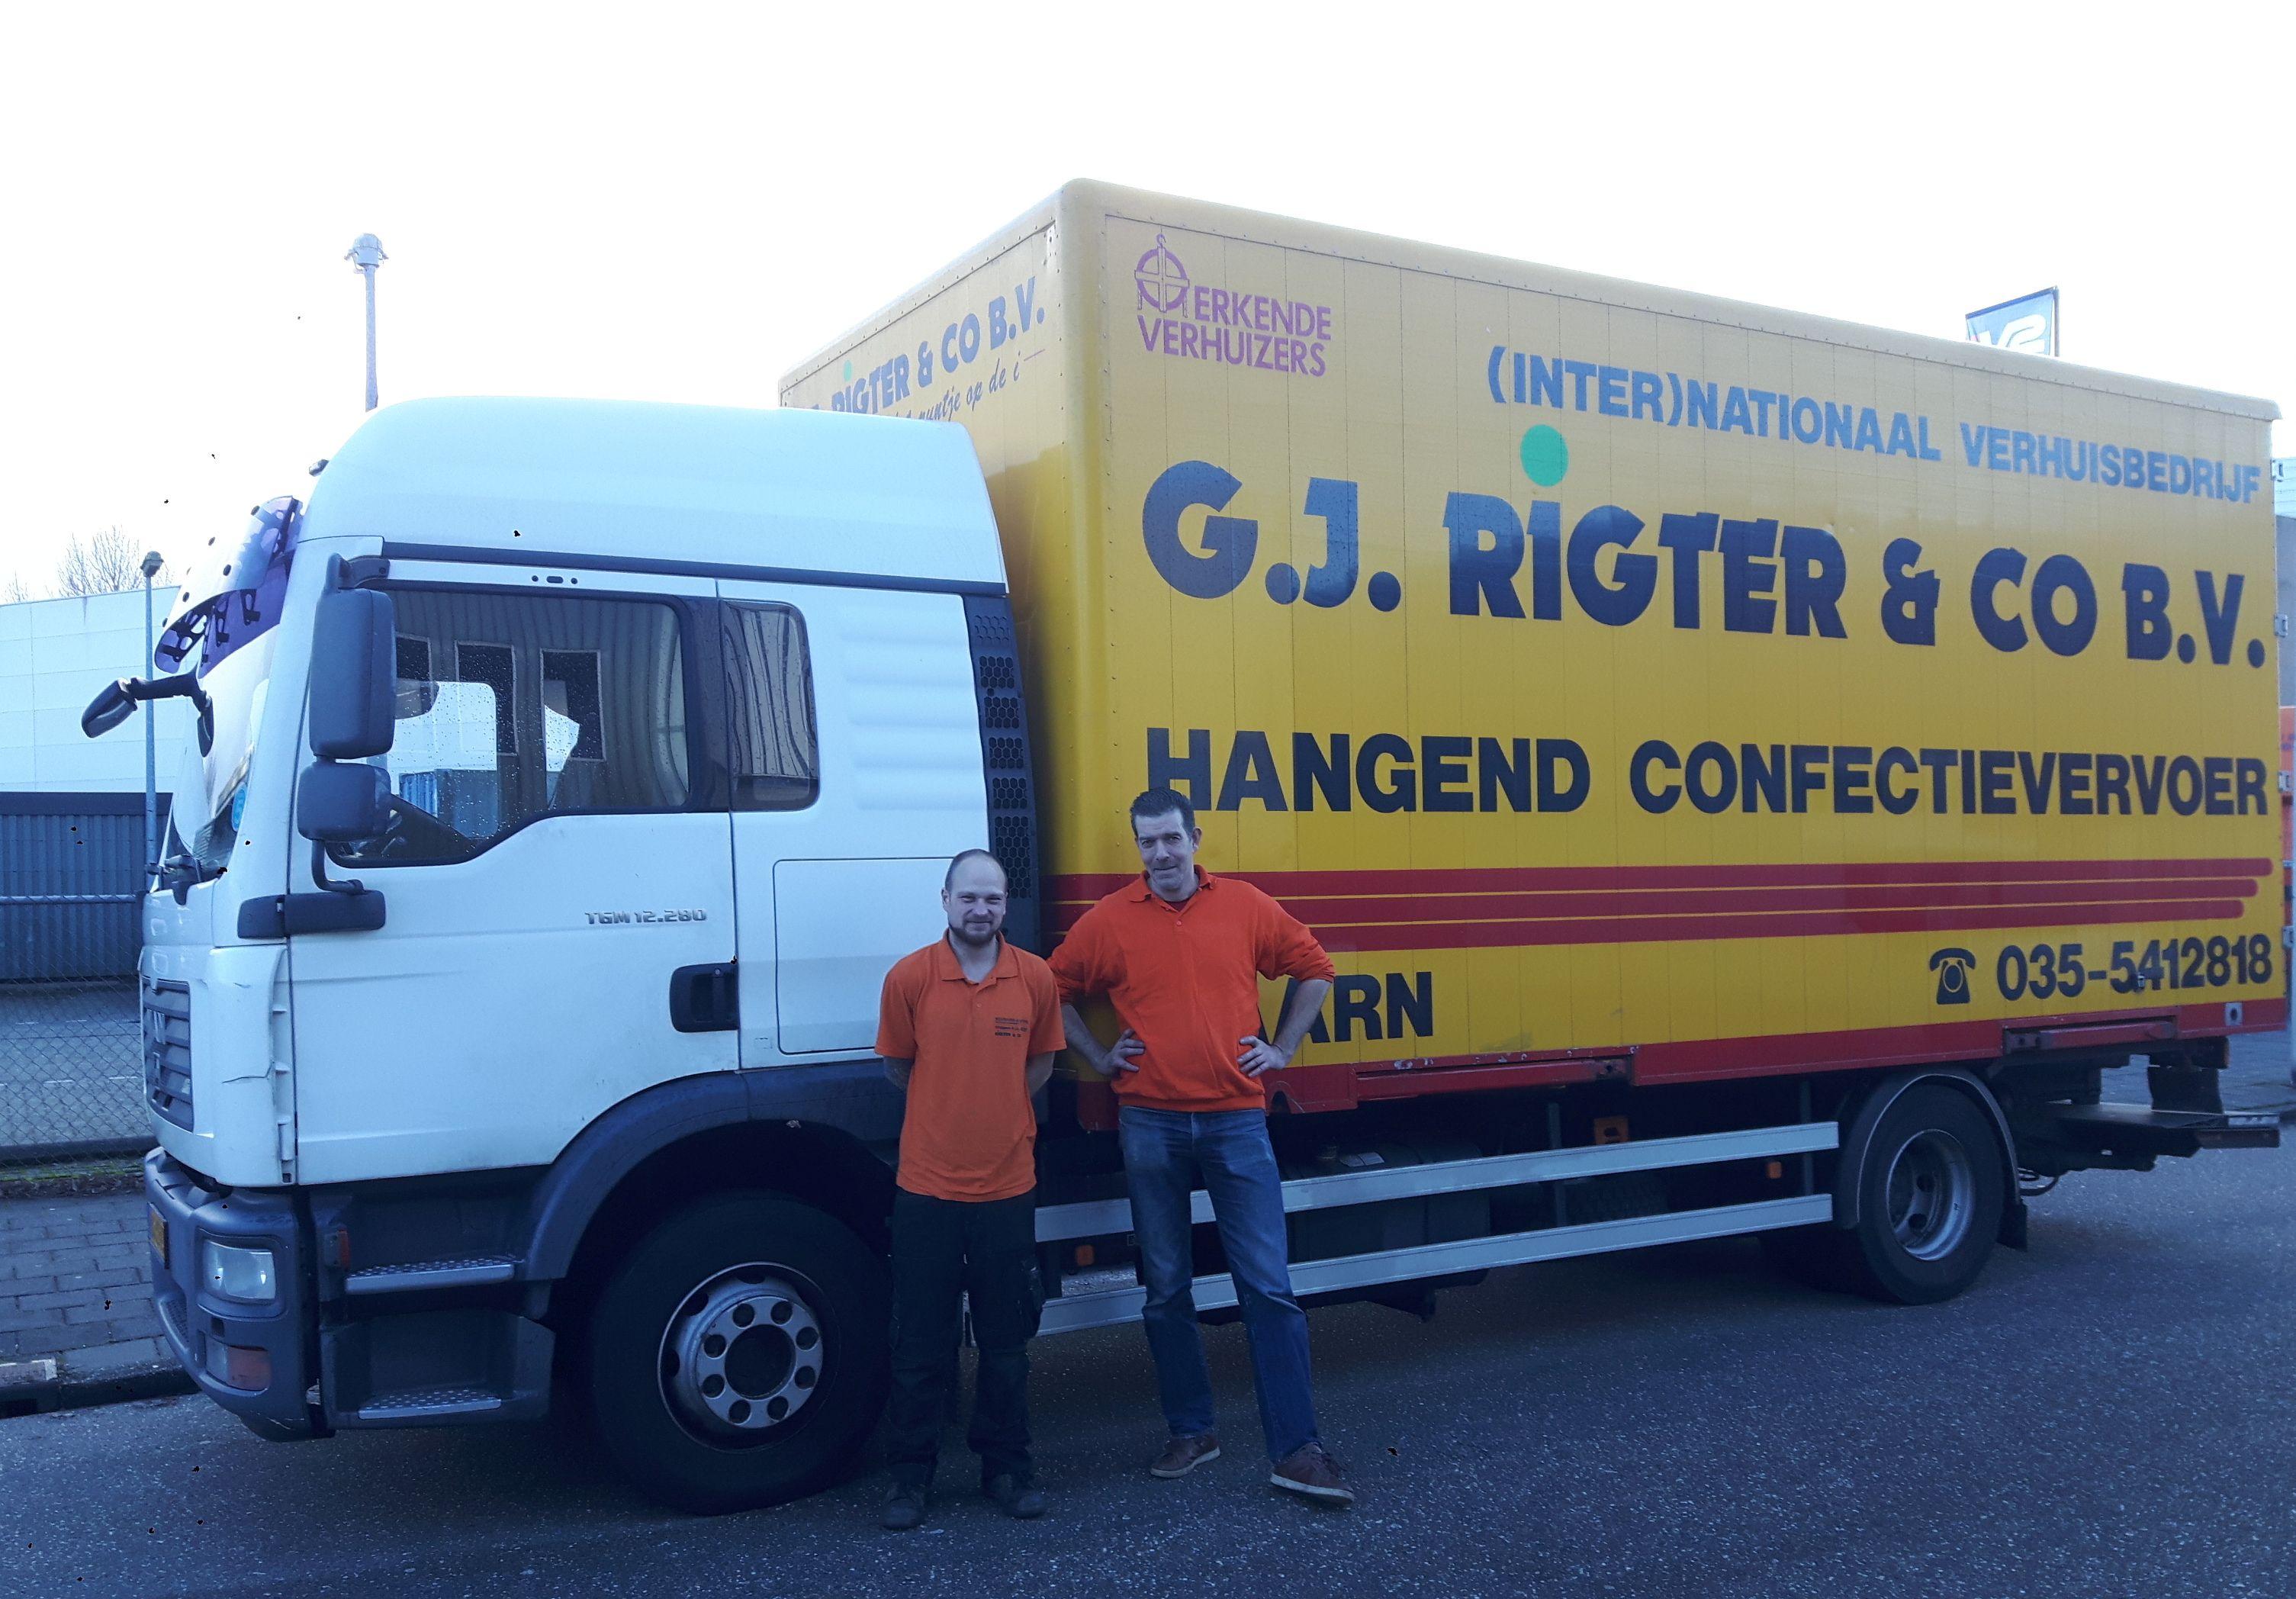 Verhuisbedrijf G.J. Rigter & Co zet zich in voor De Verhuisfamilie